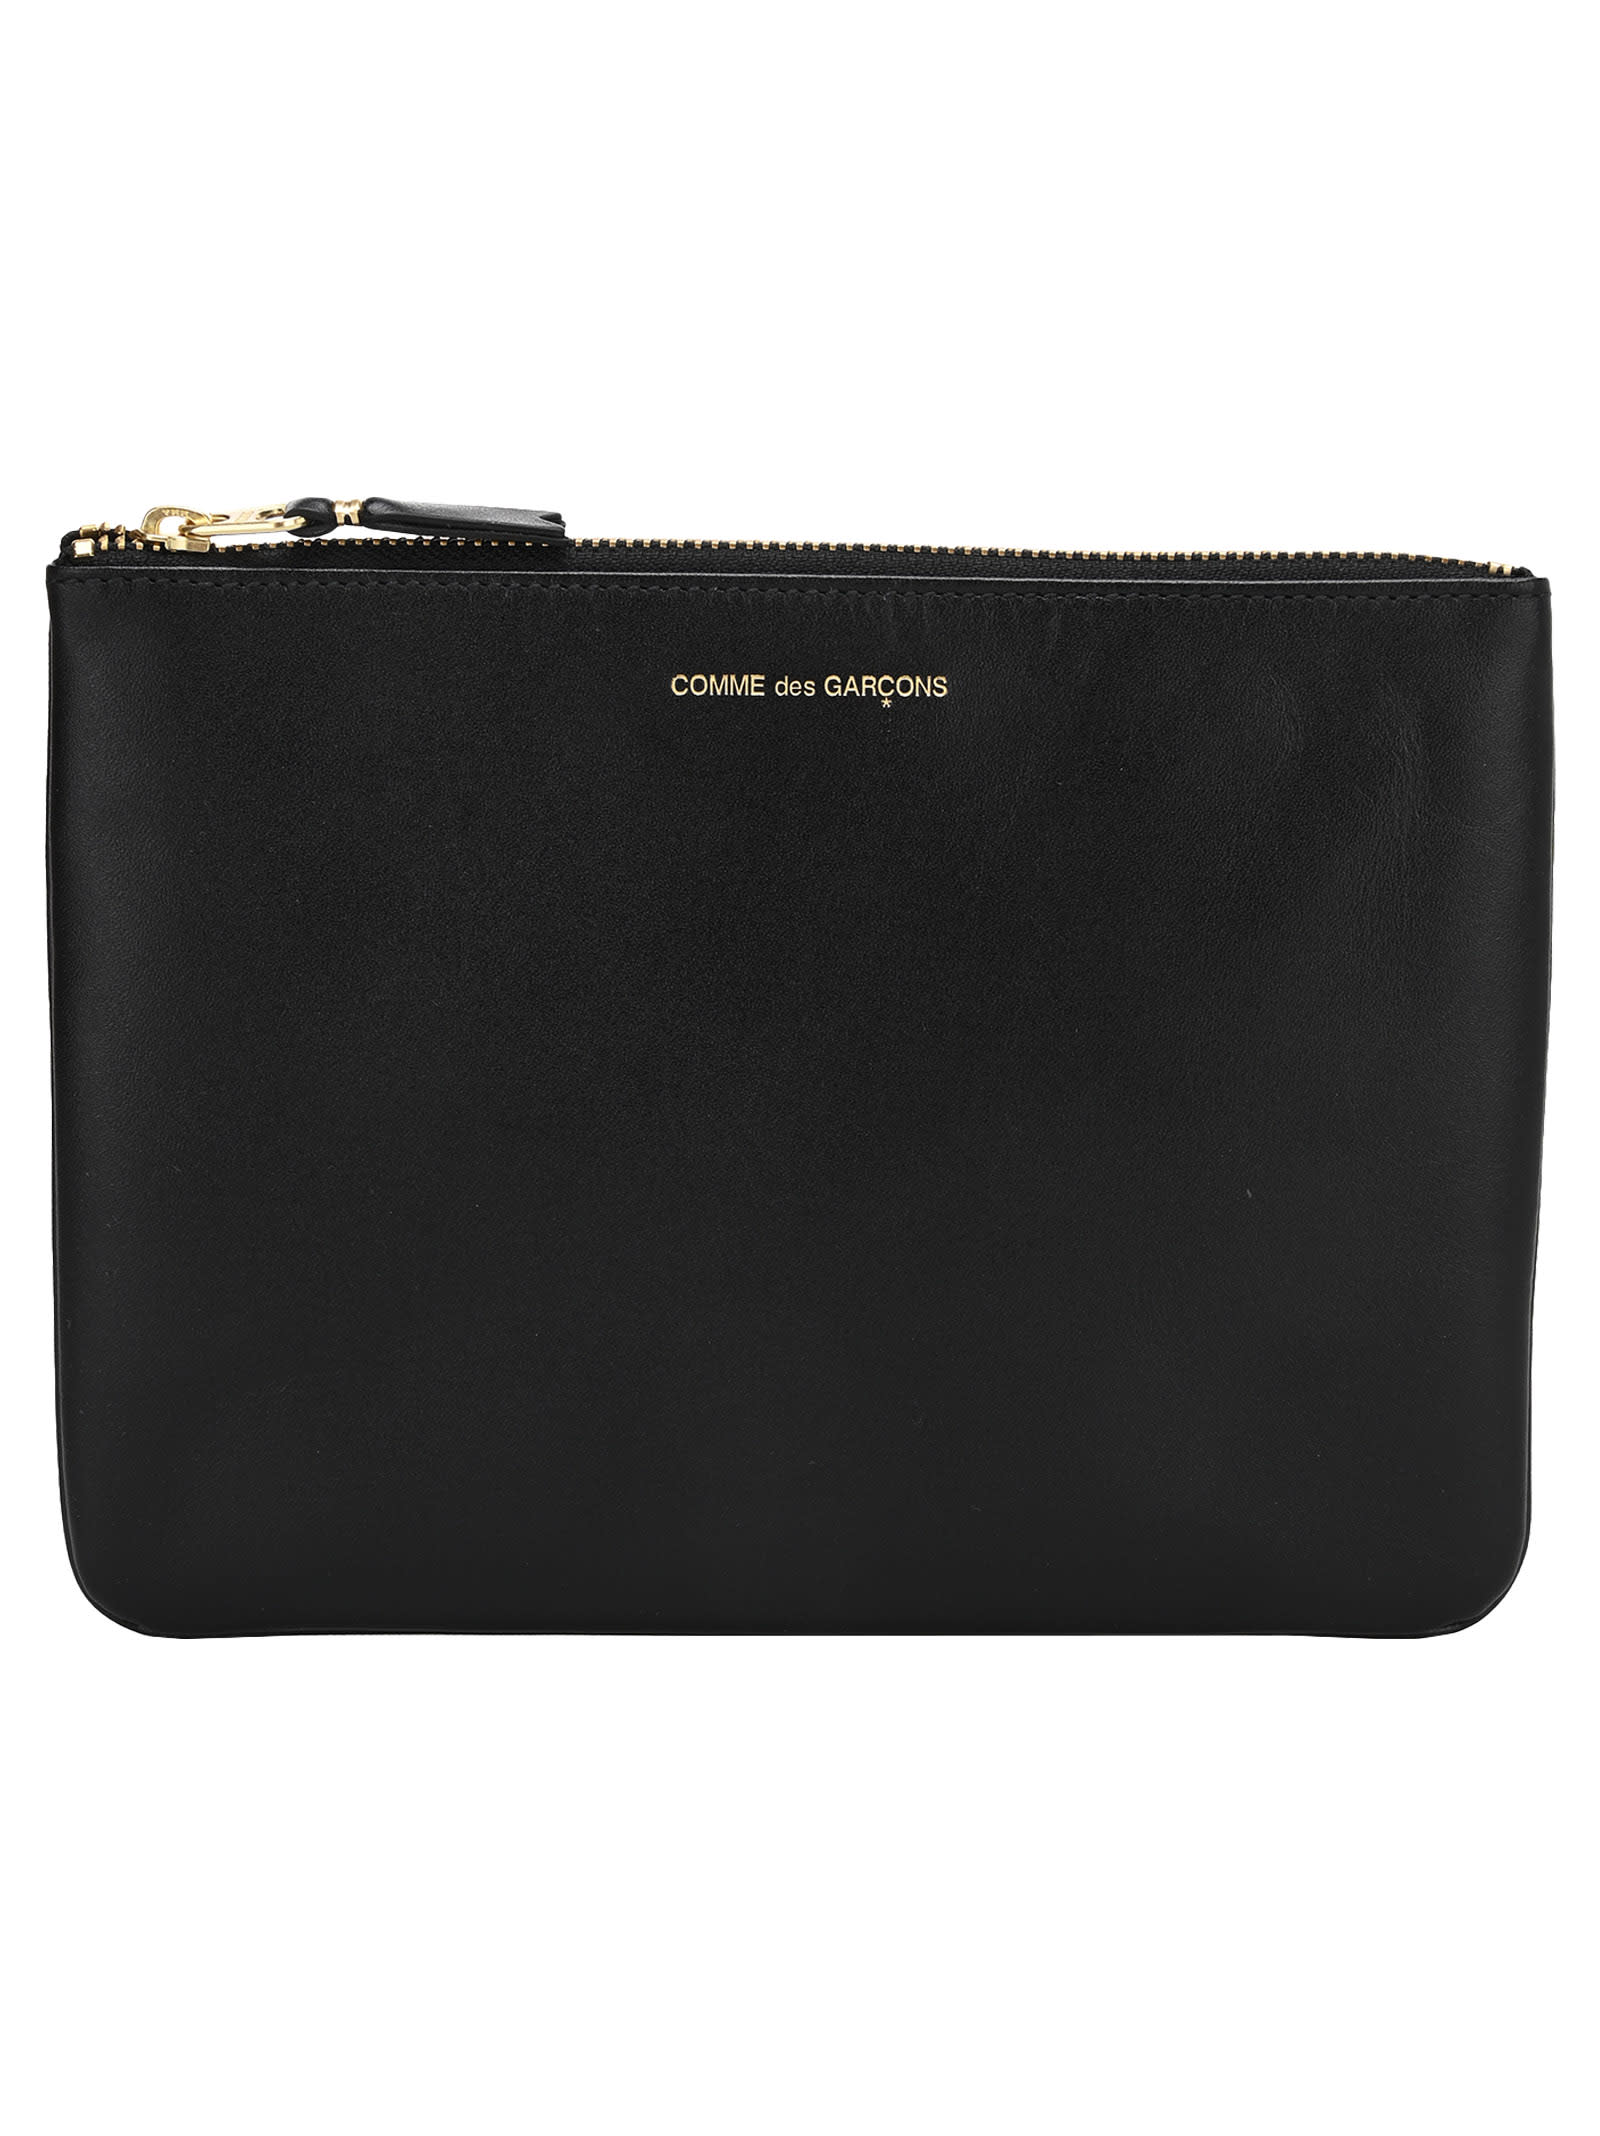 Comme des Garçons Wallet Comme Des Garcons Wallet Classic Leather Pouch